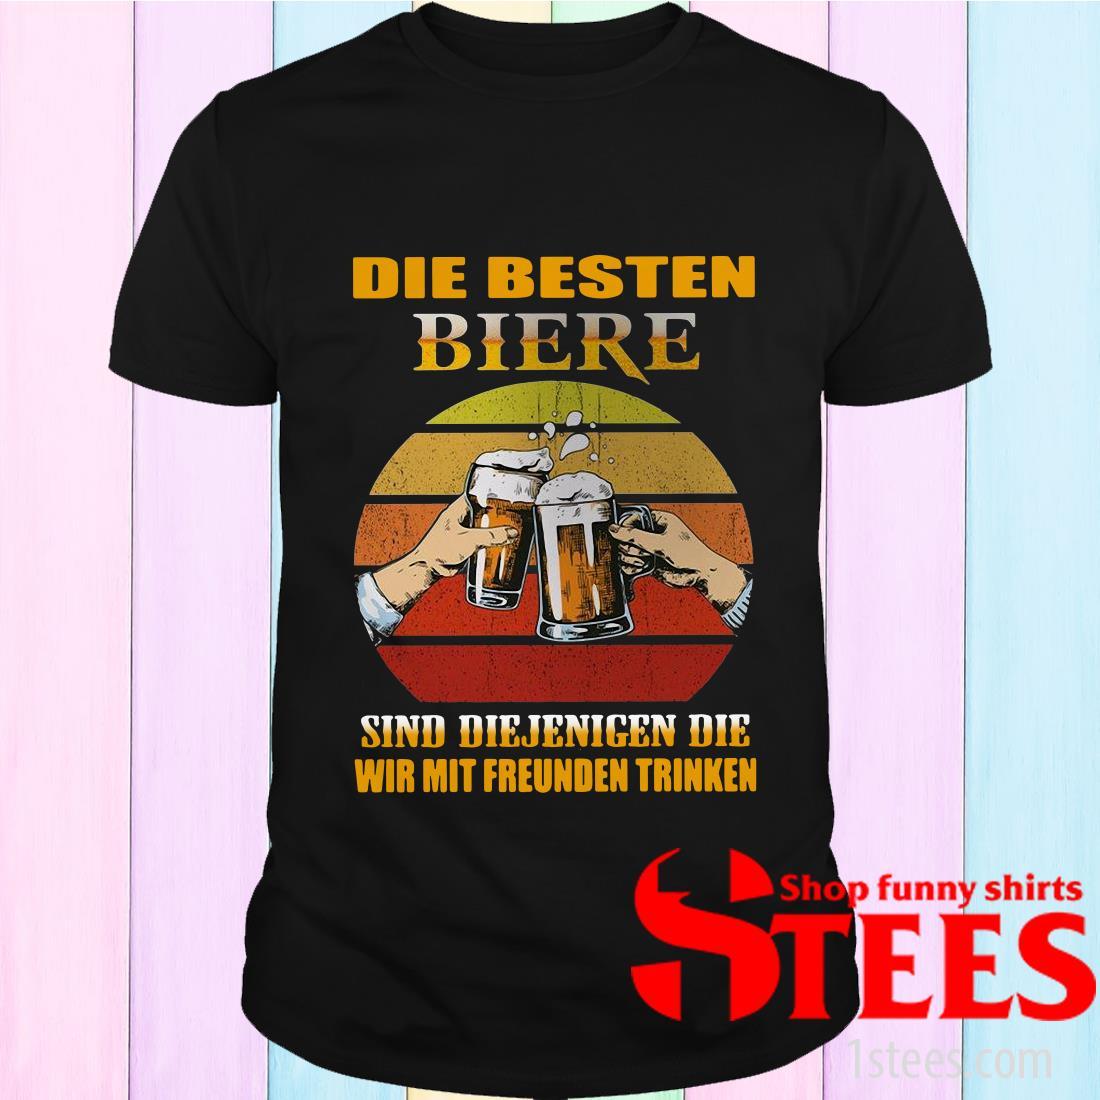 Die Besten Biere Sind Diejenigen Die Wir Mit Freunden Trinken Vintage T-Shirt